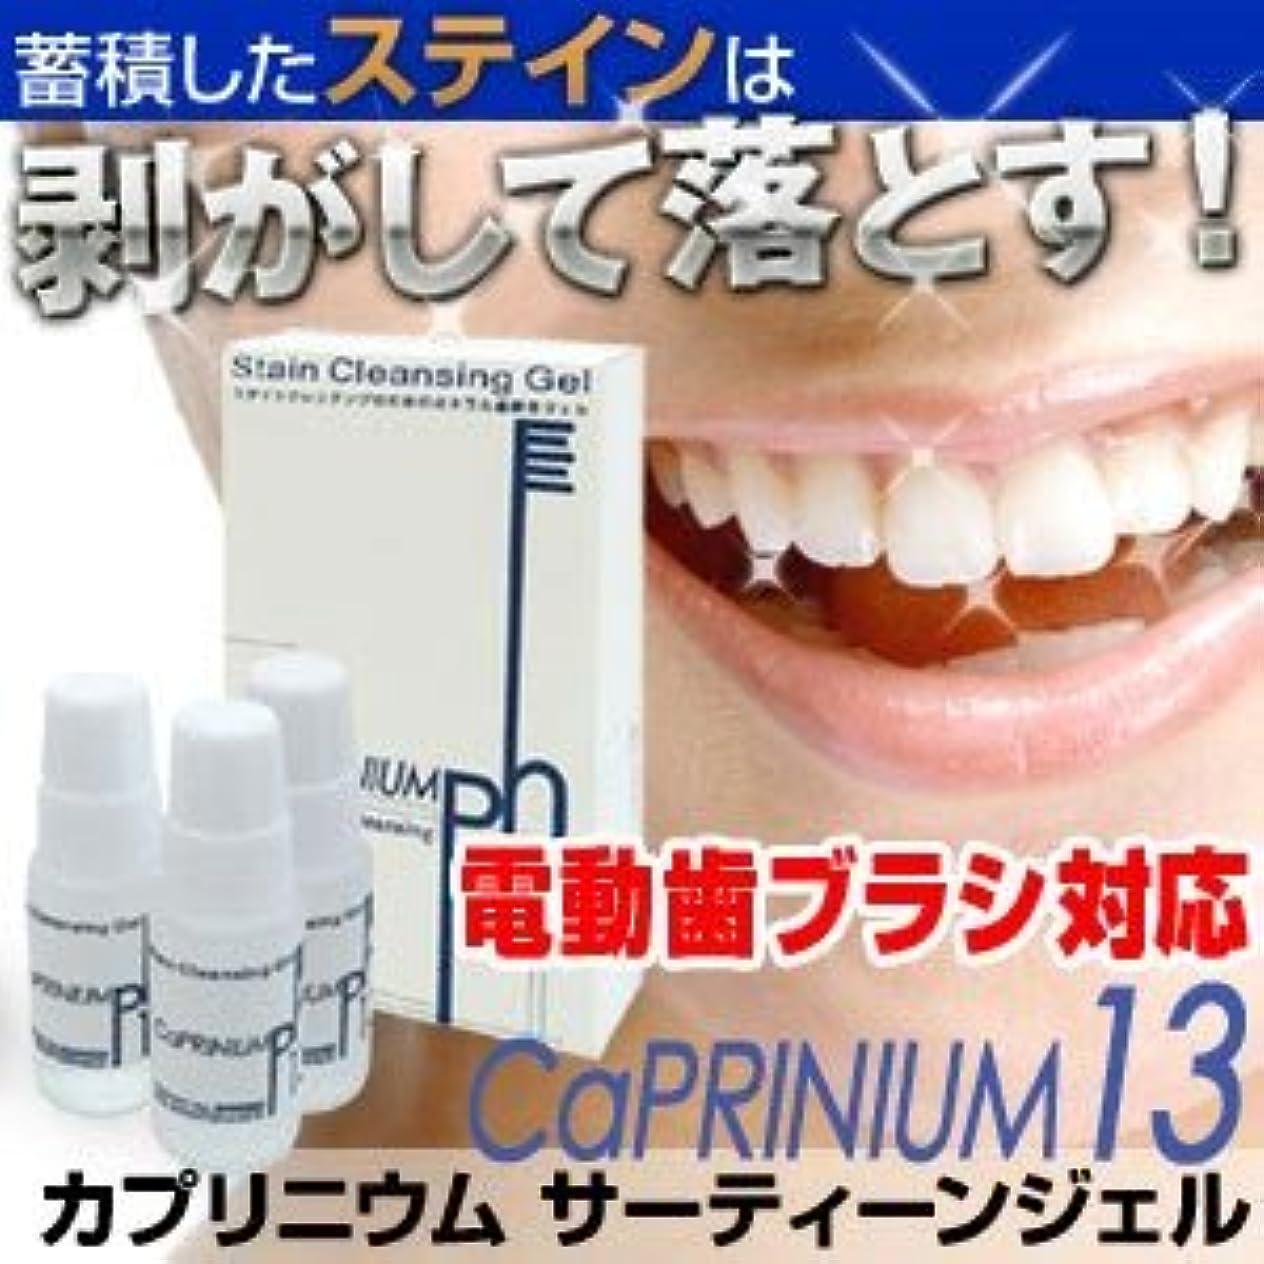 取り囲む弁護鰐カプリニウム サーティーンジェル(CaPRINIUM 13) 新発想のホワイトニング歯磨きジェル